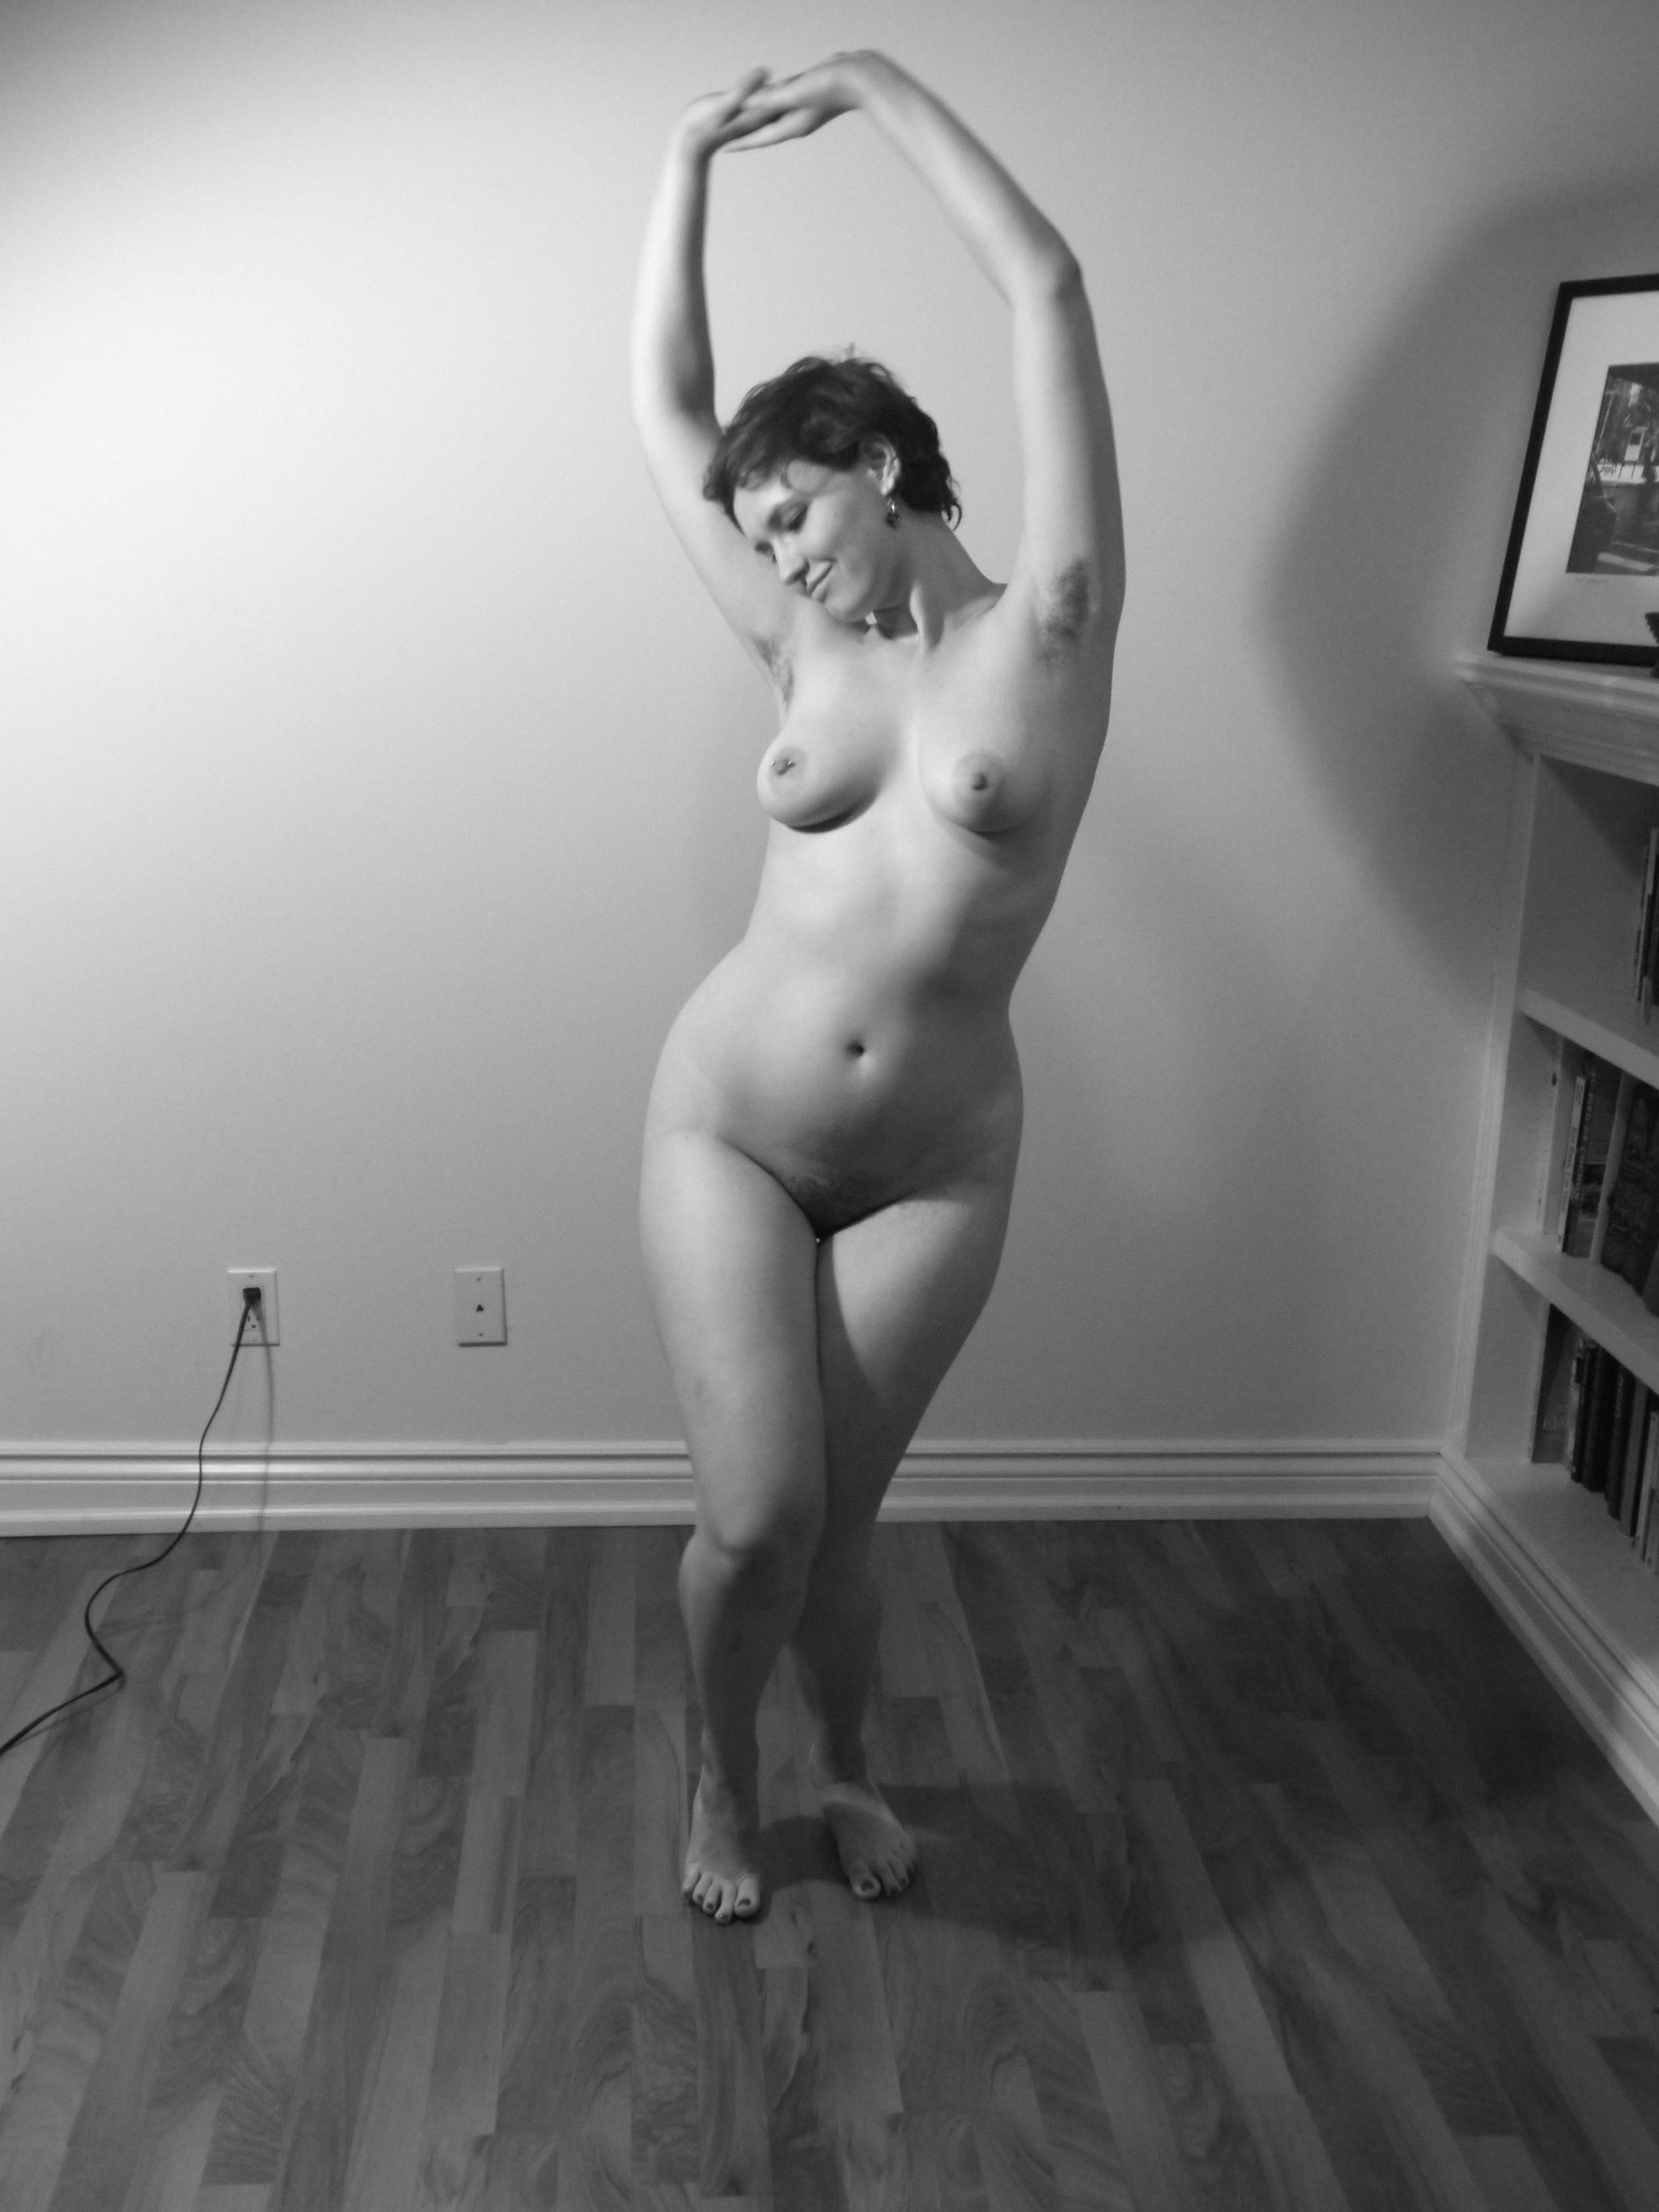 nude amateur fit girls